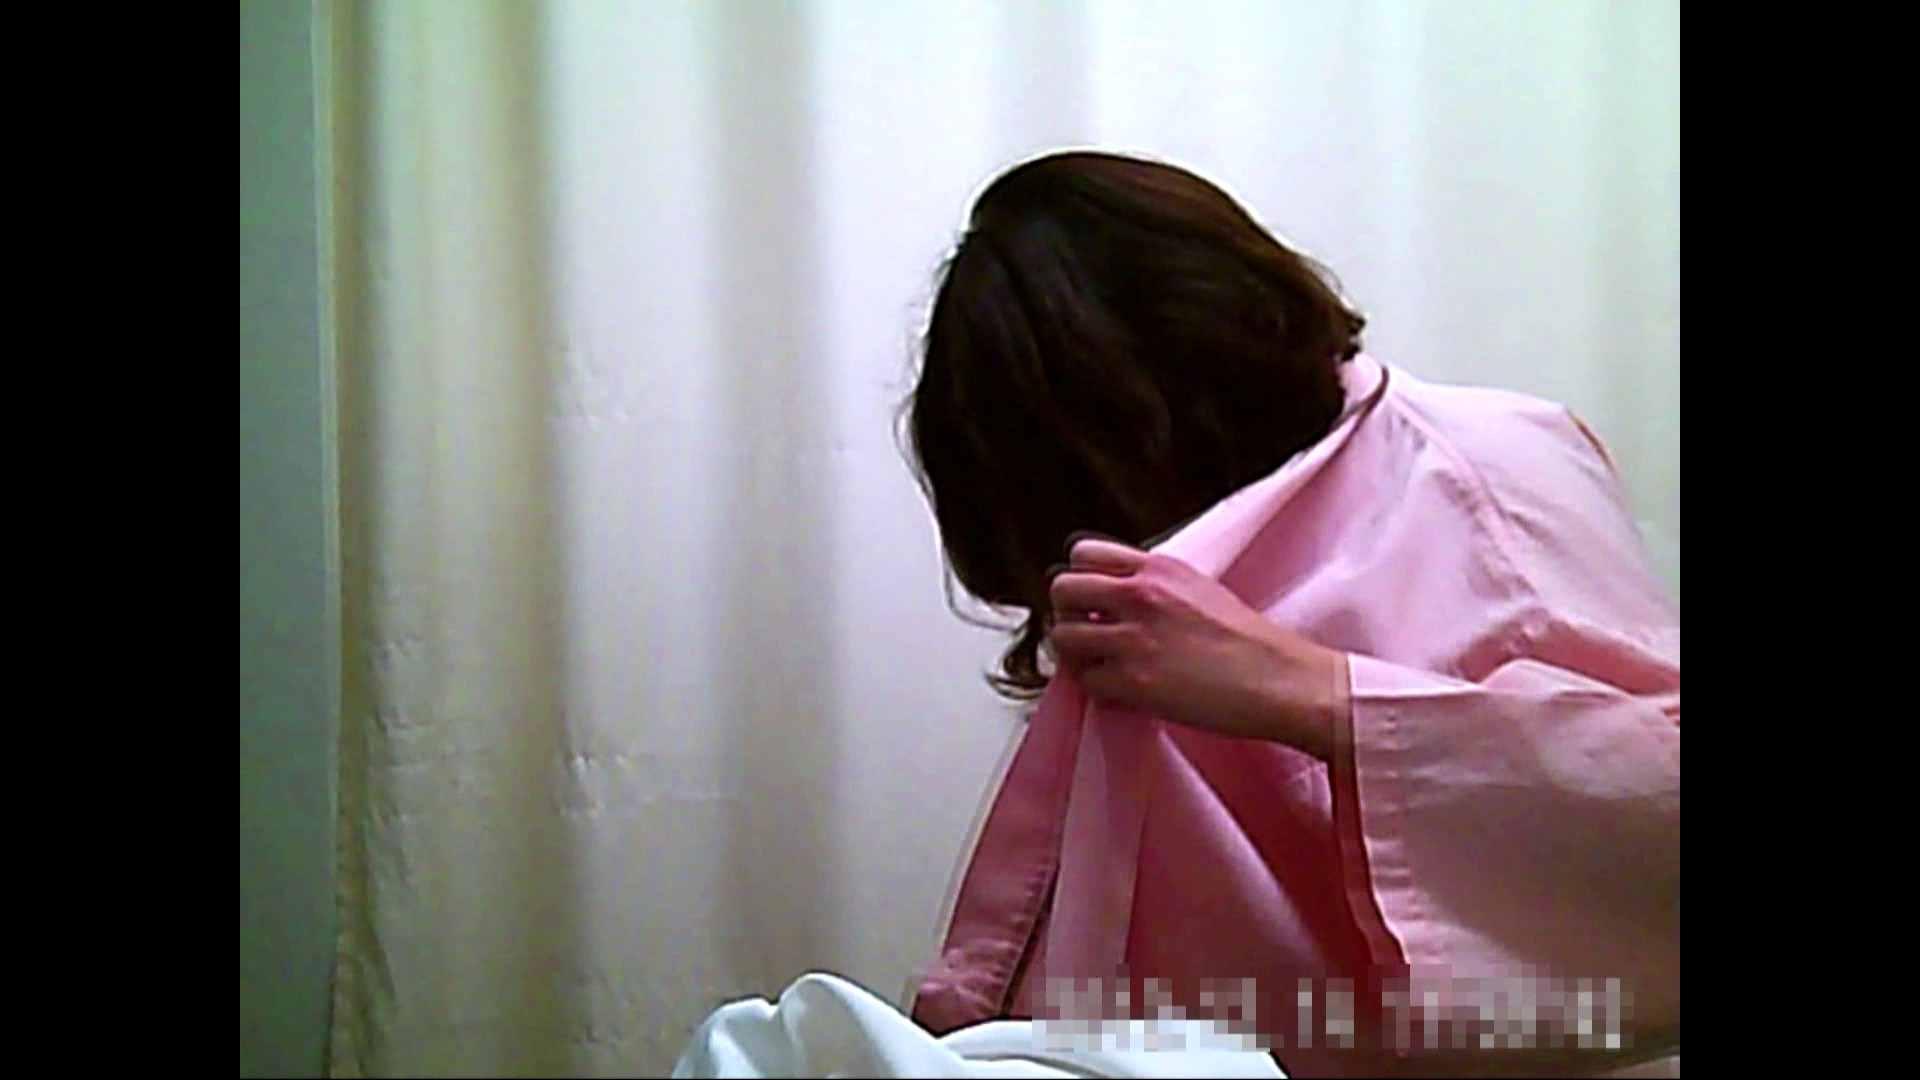 病院おもいっきり着替え! vol.178 乳首 隠し撮りすけべAV動画紹介 62連発 32